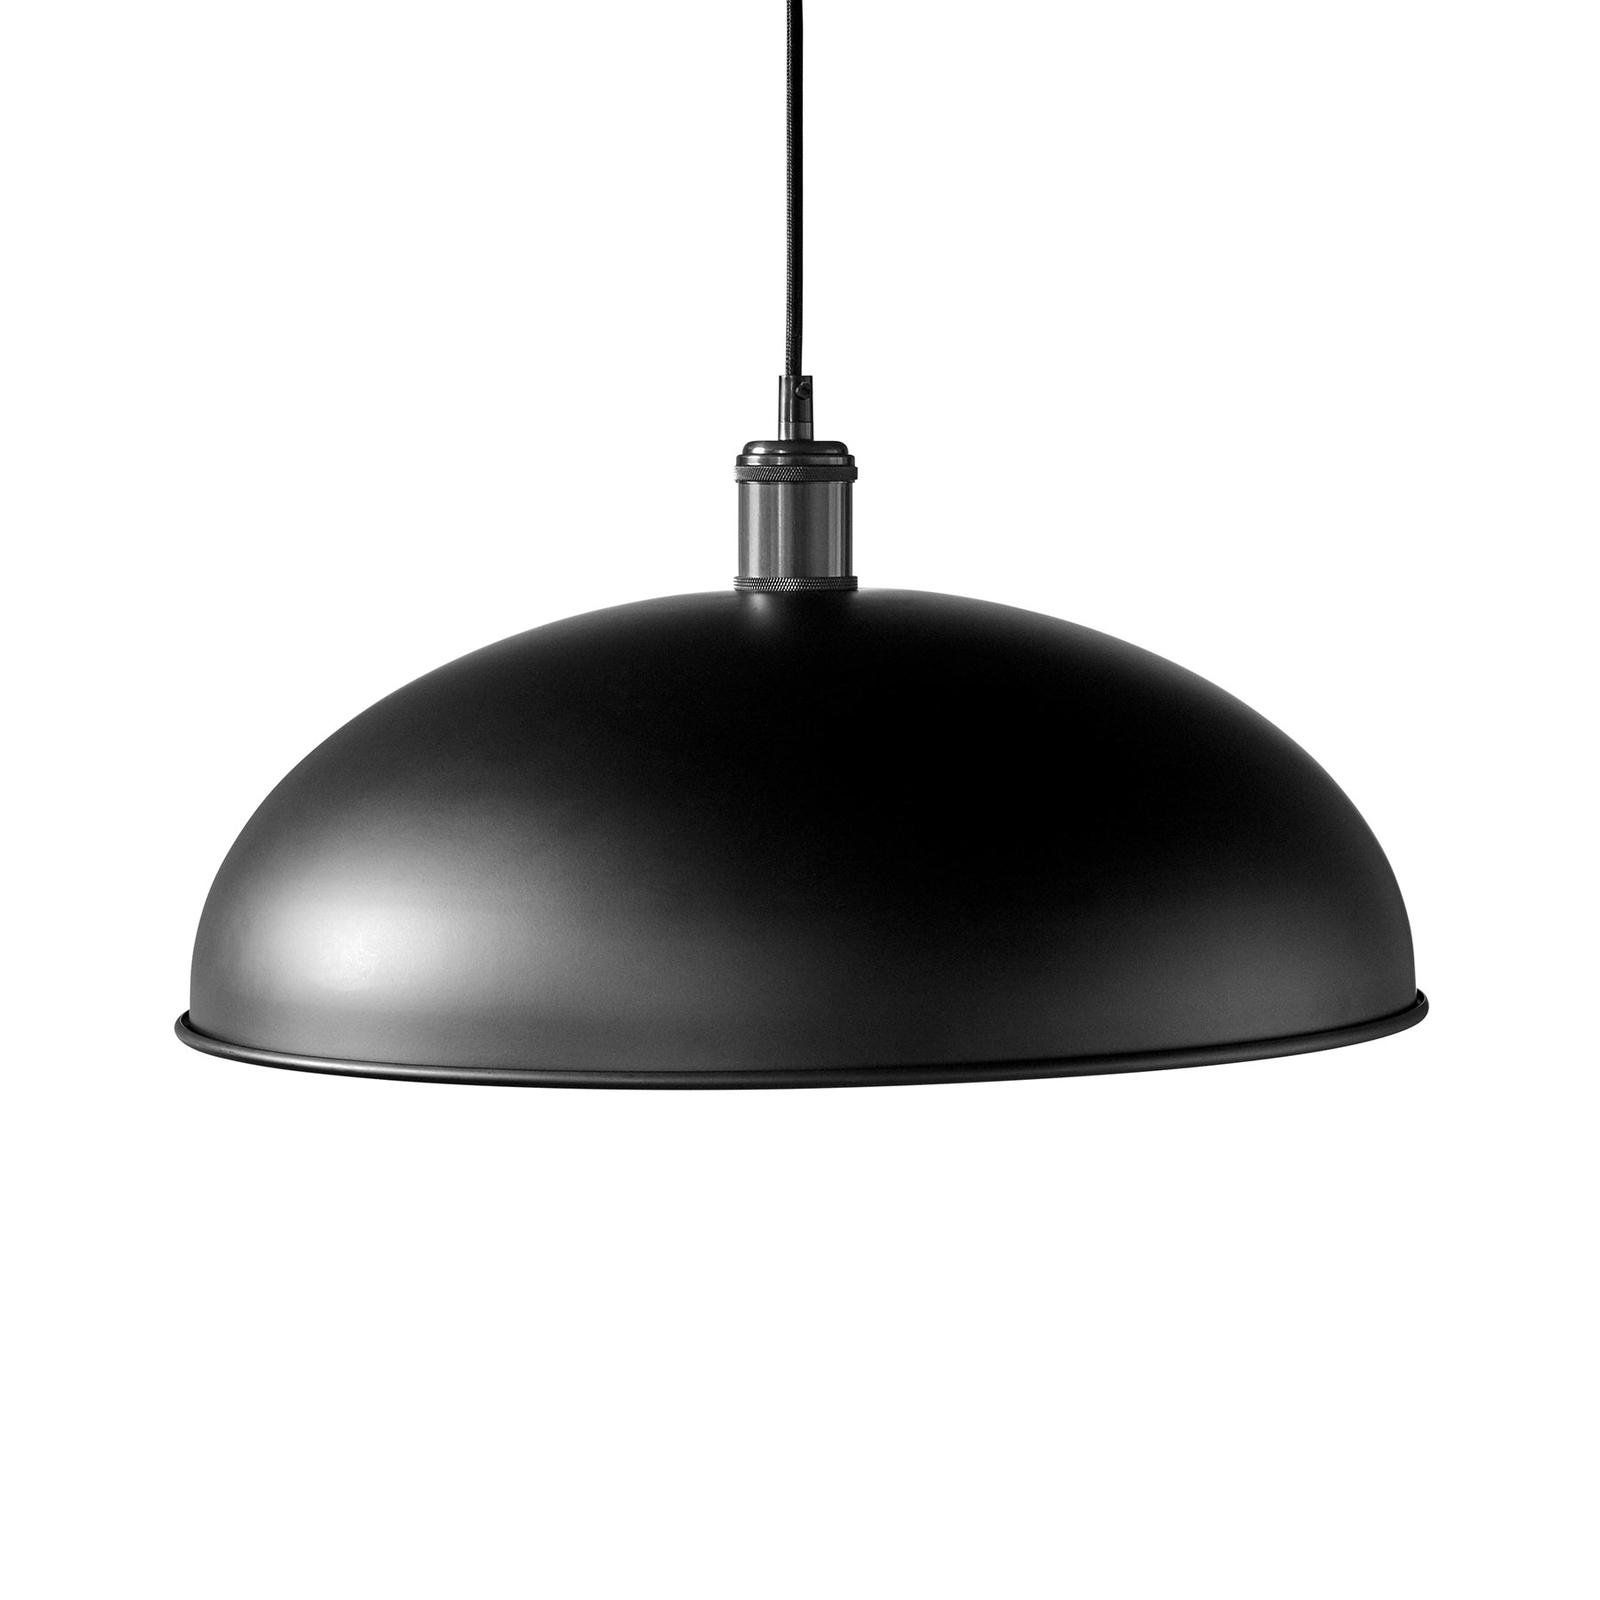 Menu Hubert pendellampa, 1 lampa, Ø 45 cm, svart